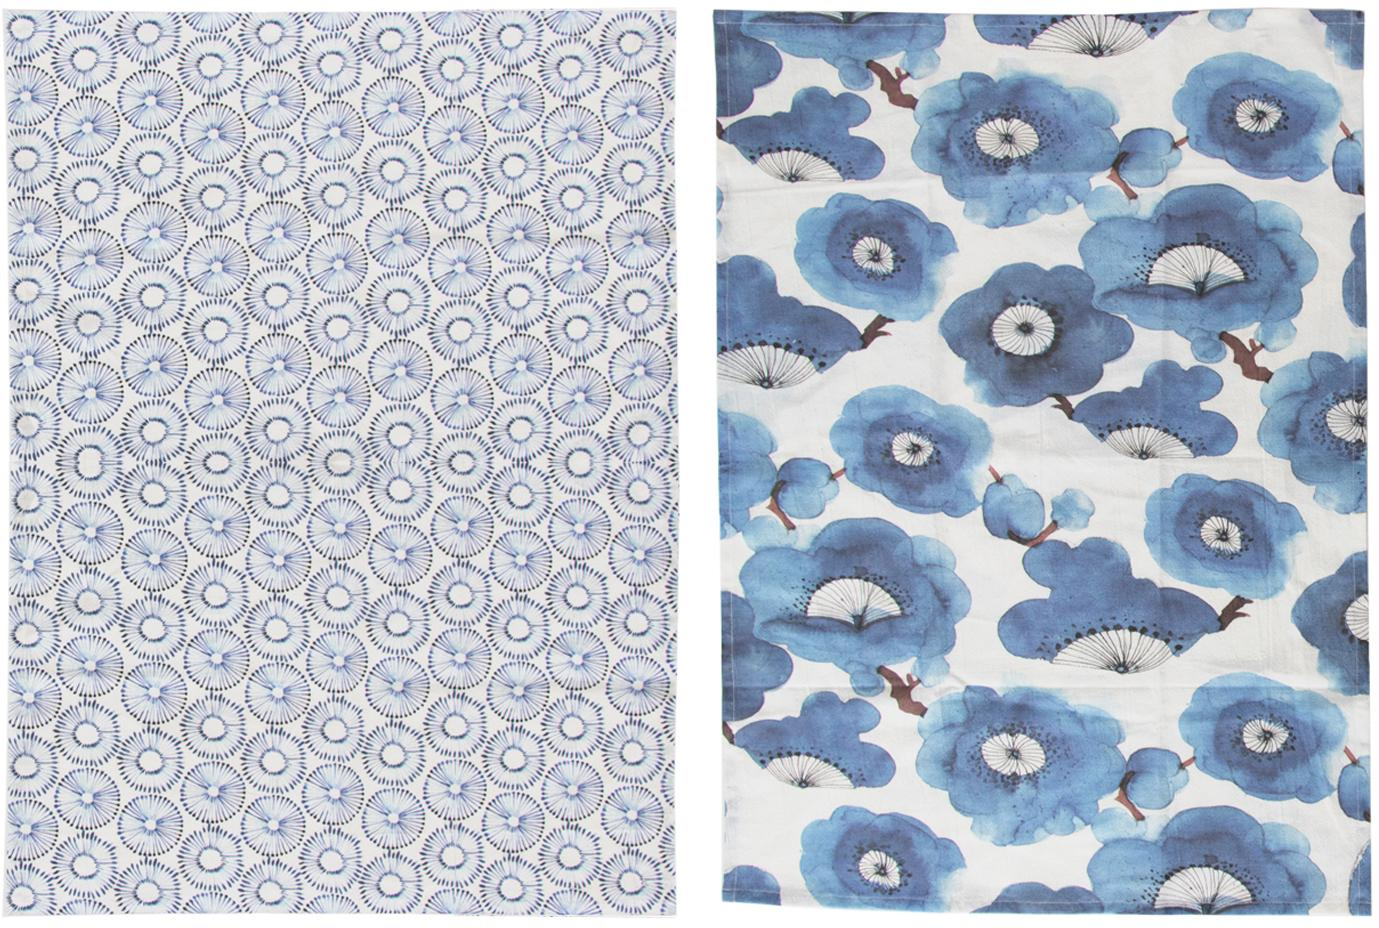 Komplet ręczników kuchennych Dandelion, 2 elem., Bawełna, Biały, niebieski, S 50 x D 70 cm